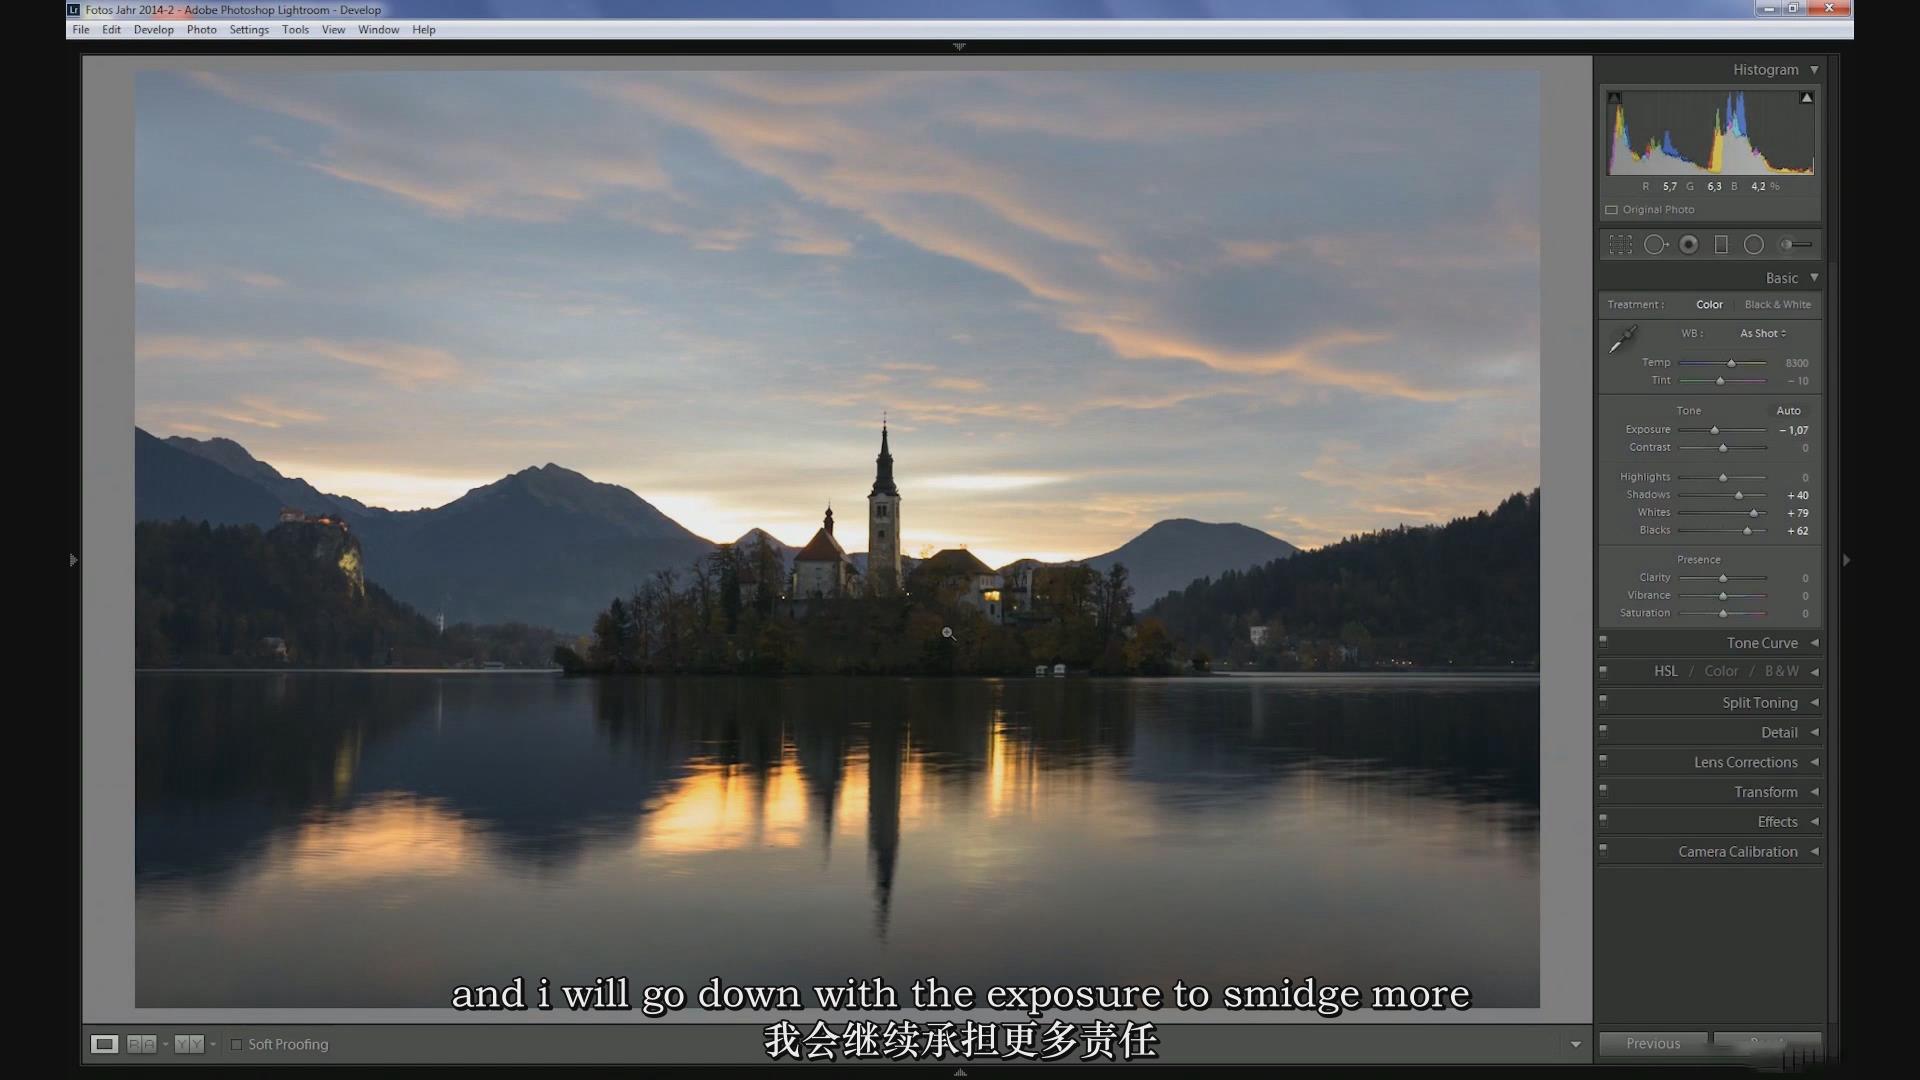 摄影教程_Daniel Fleischhacker景观和自然风光摄影Photoshop后期大师班-中英字幕 摄影教程 _预览图8